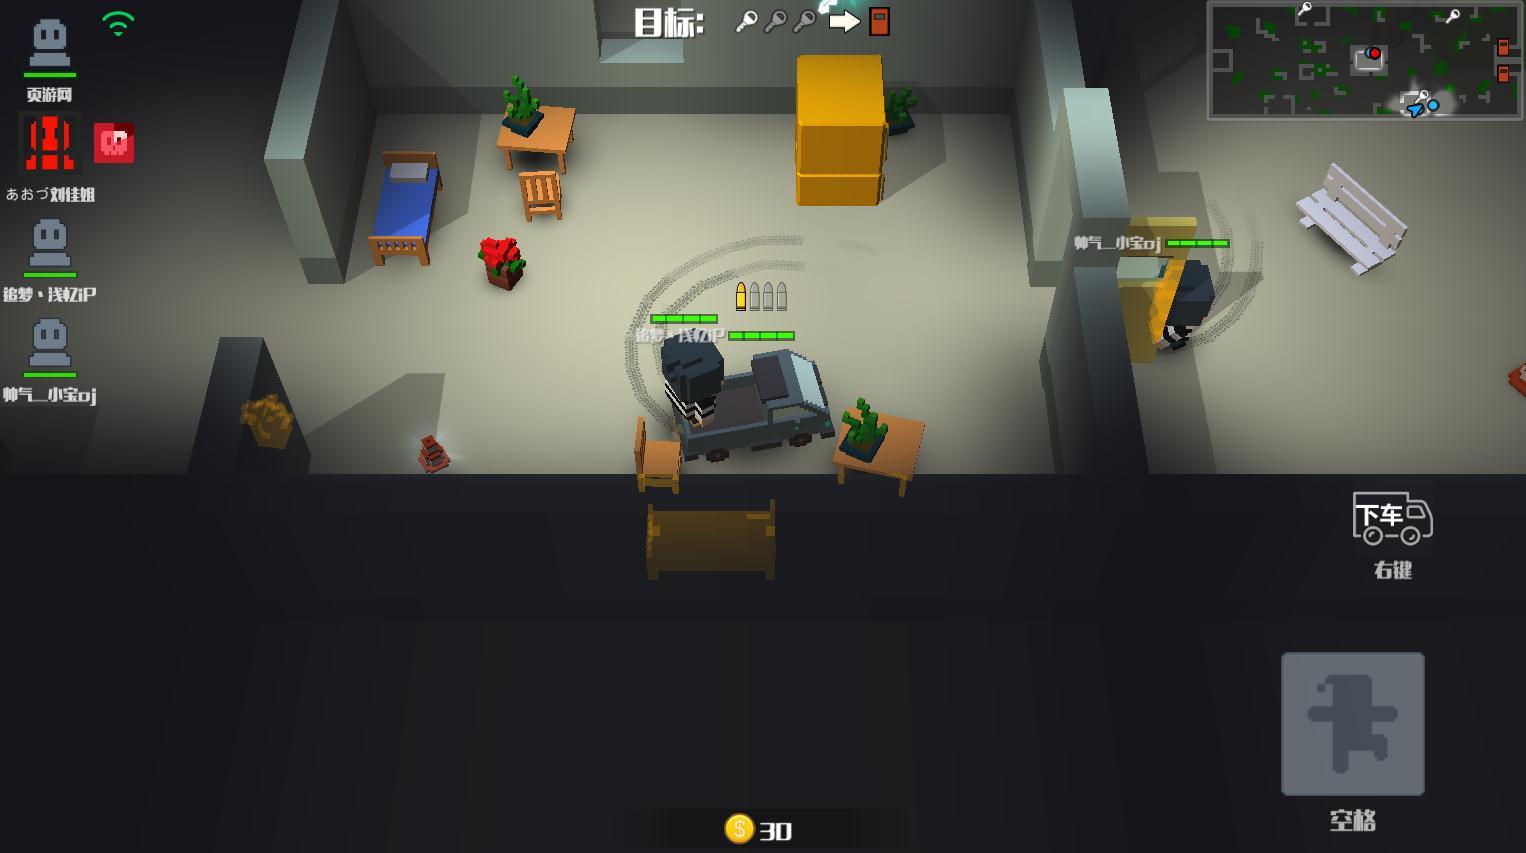 《躲猫猫大作战》游戏截图